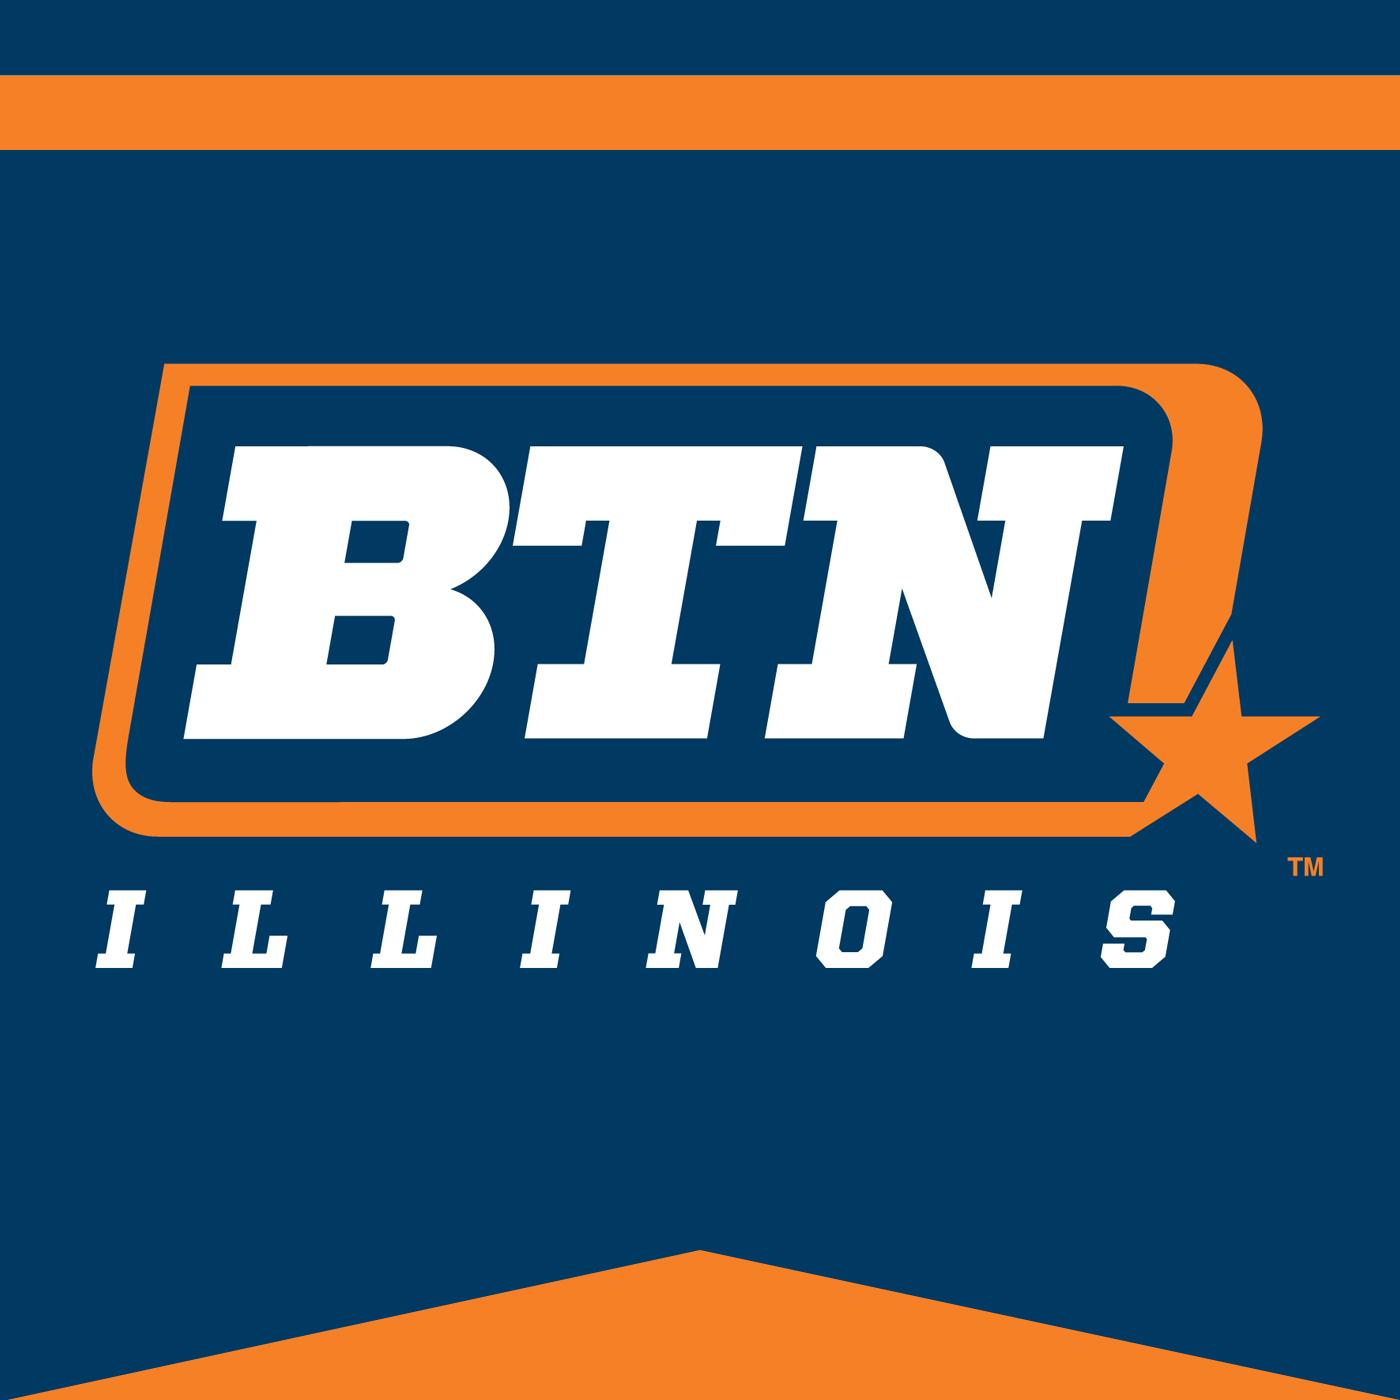 Illinois Fighting Illini Podcast